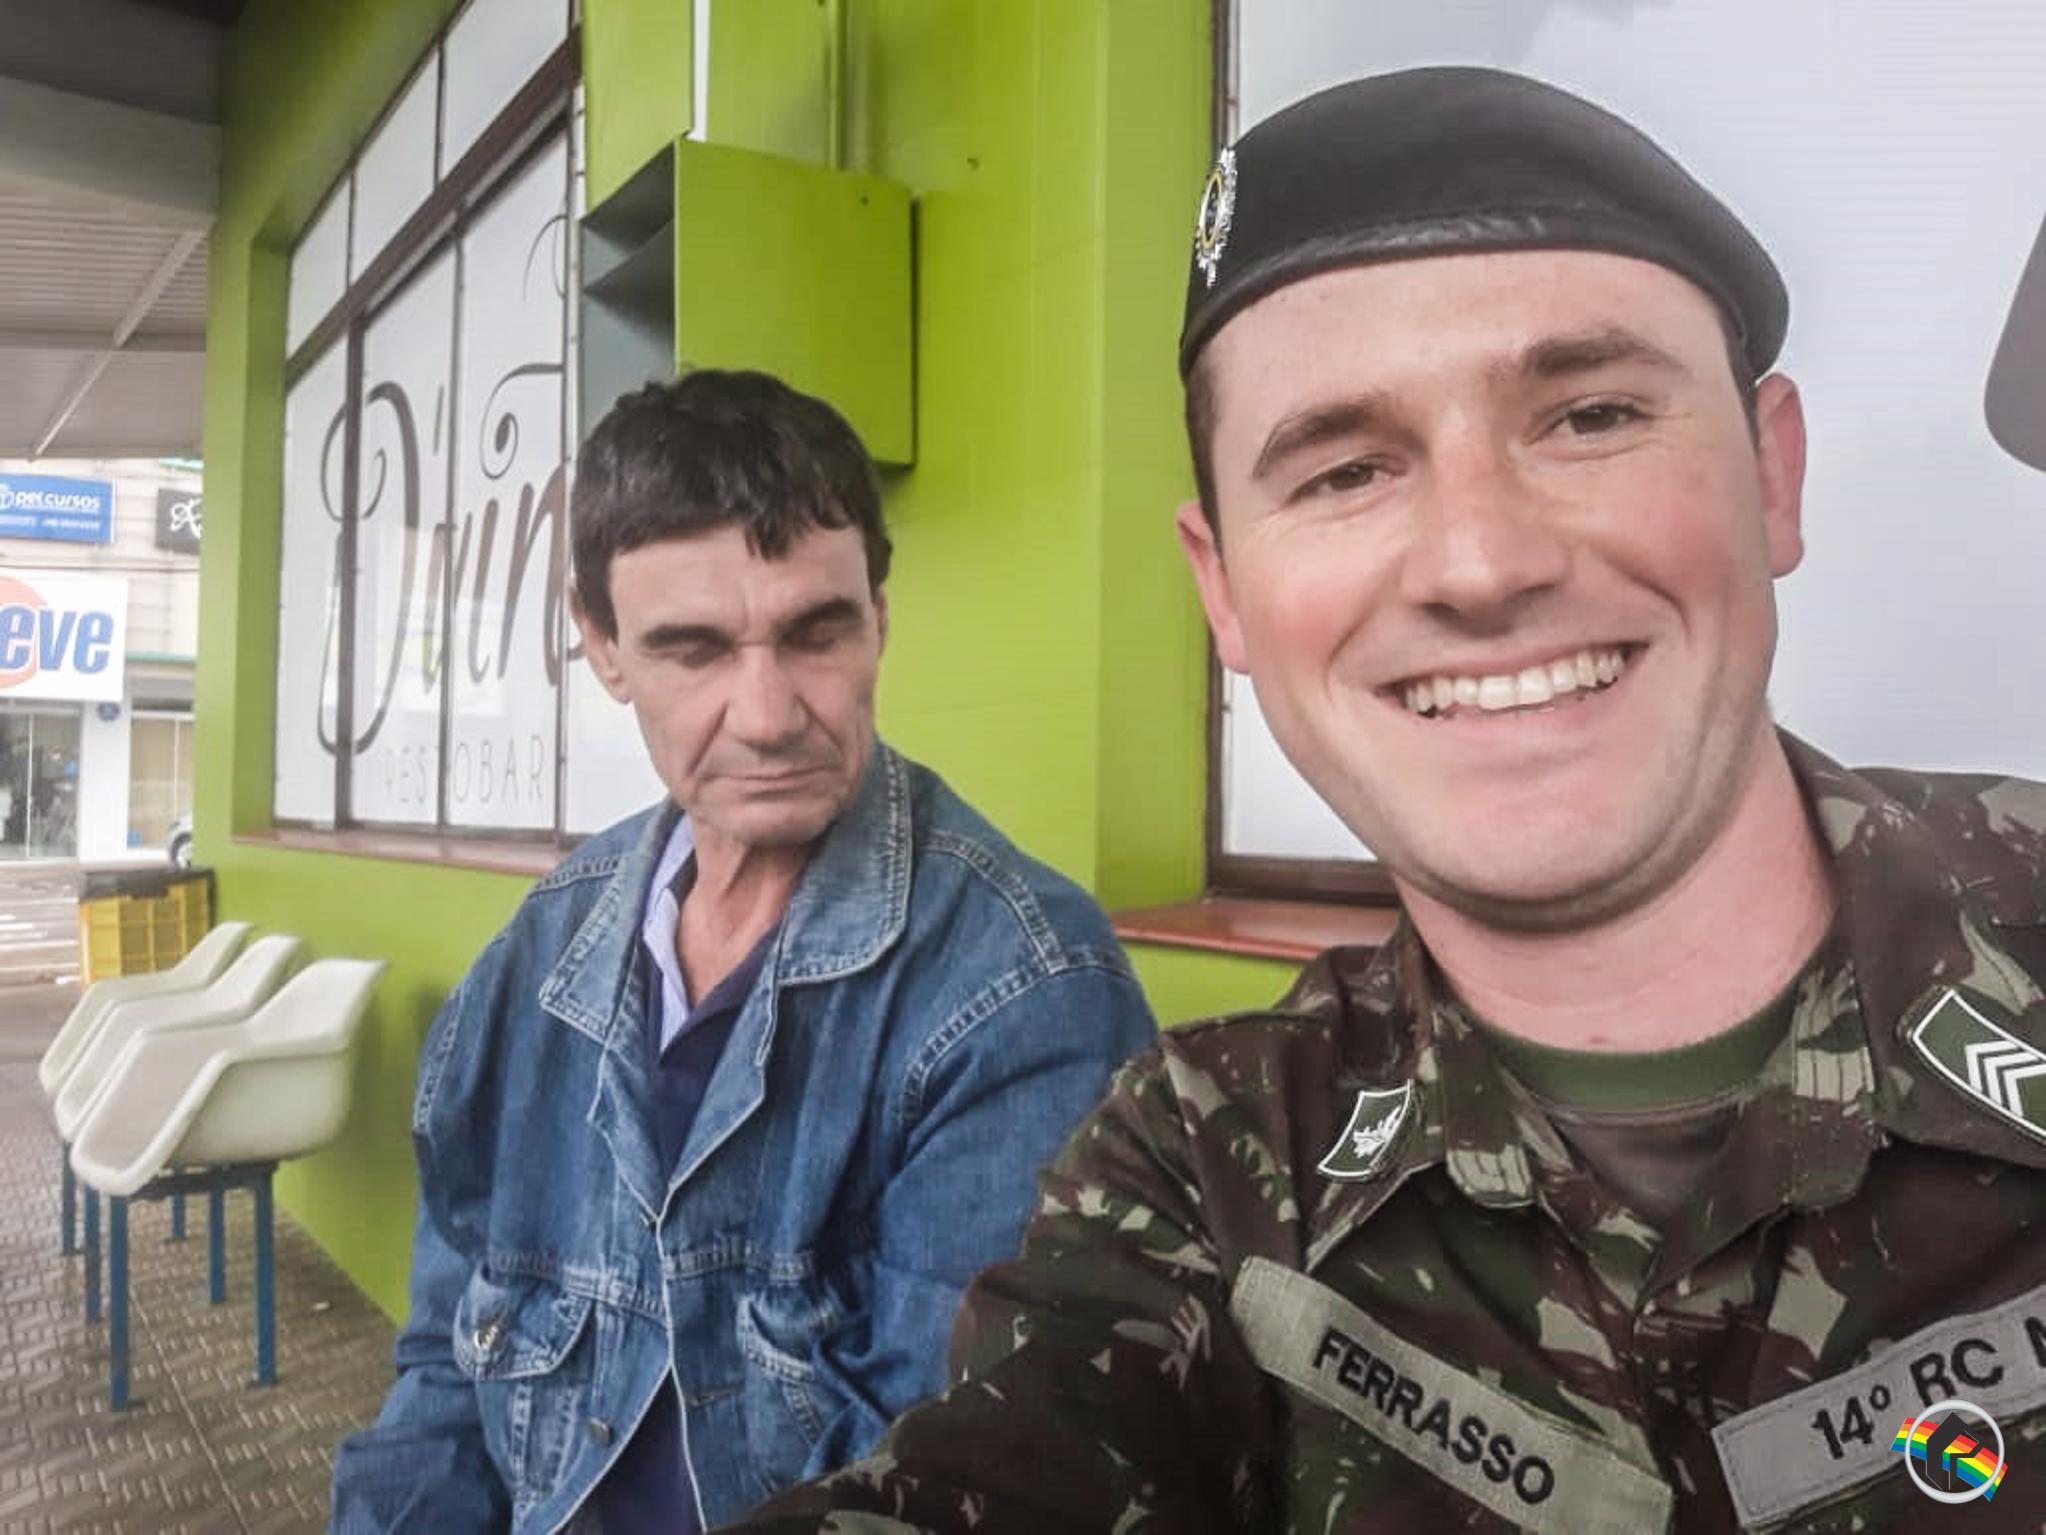 OUÇA; Militares ajudam homem cego a voltar para casa